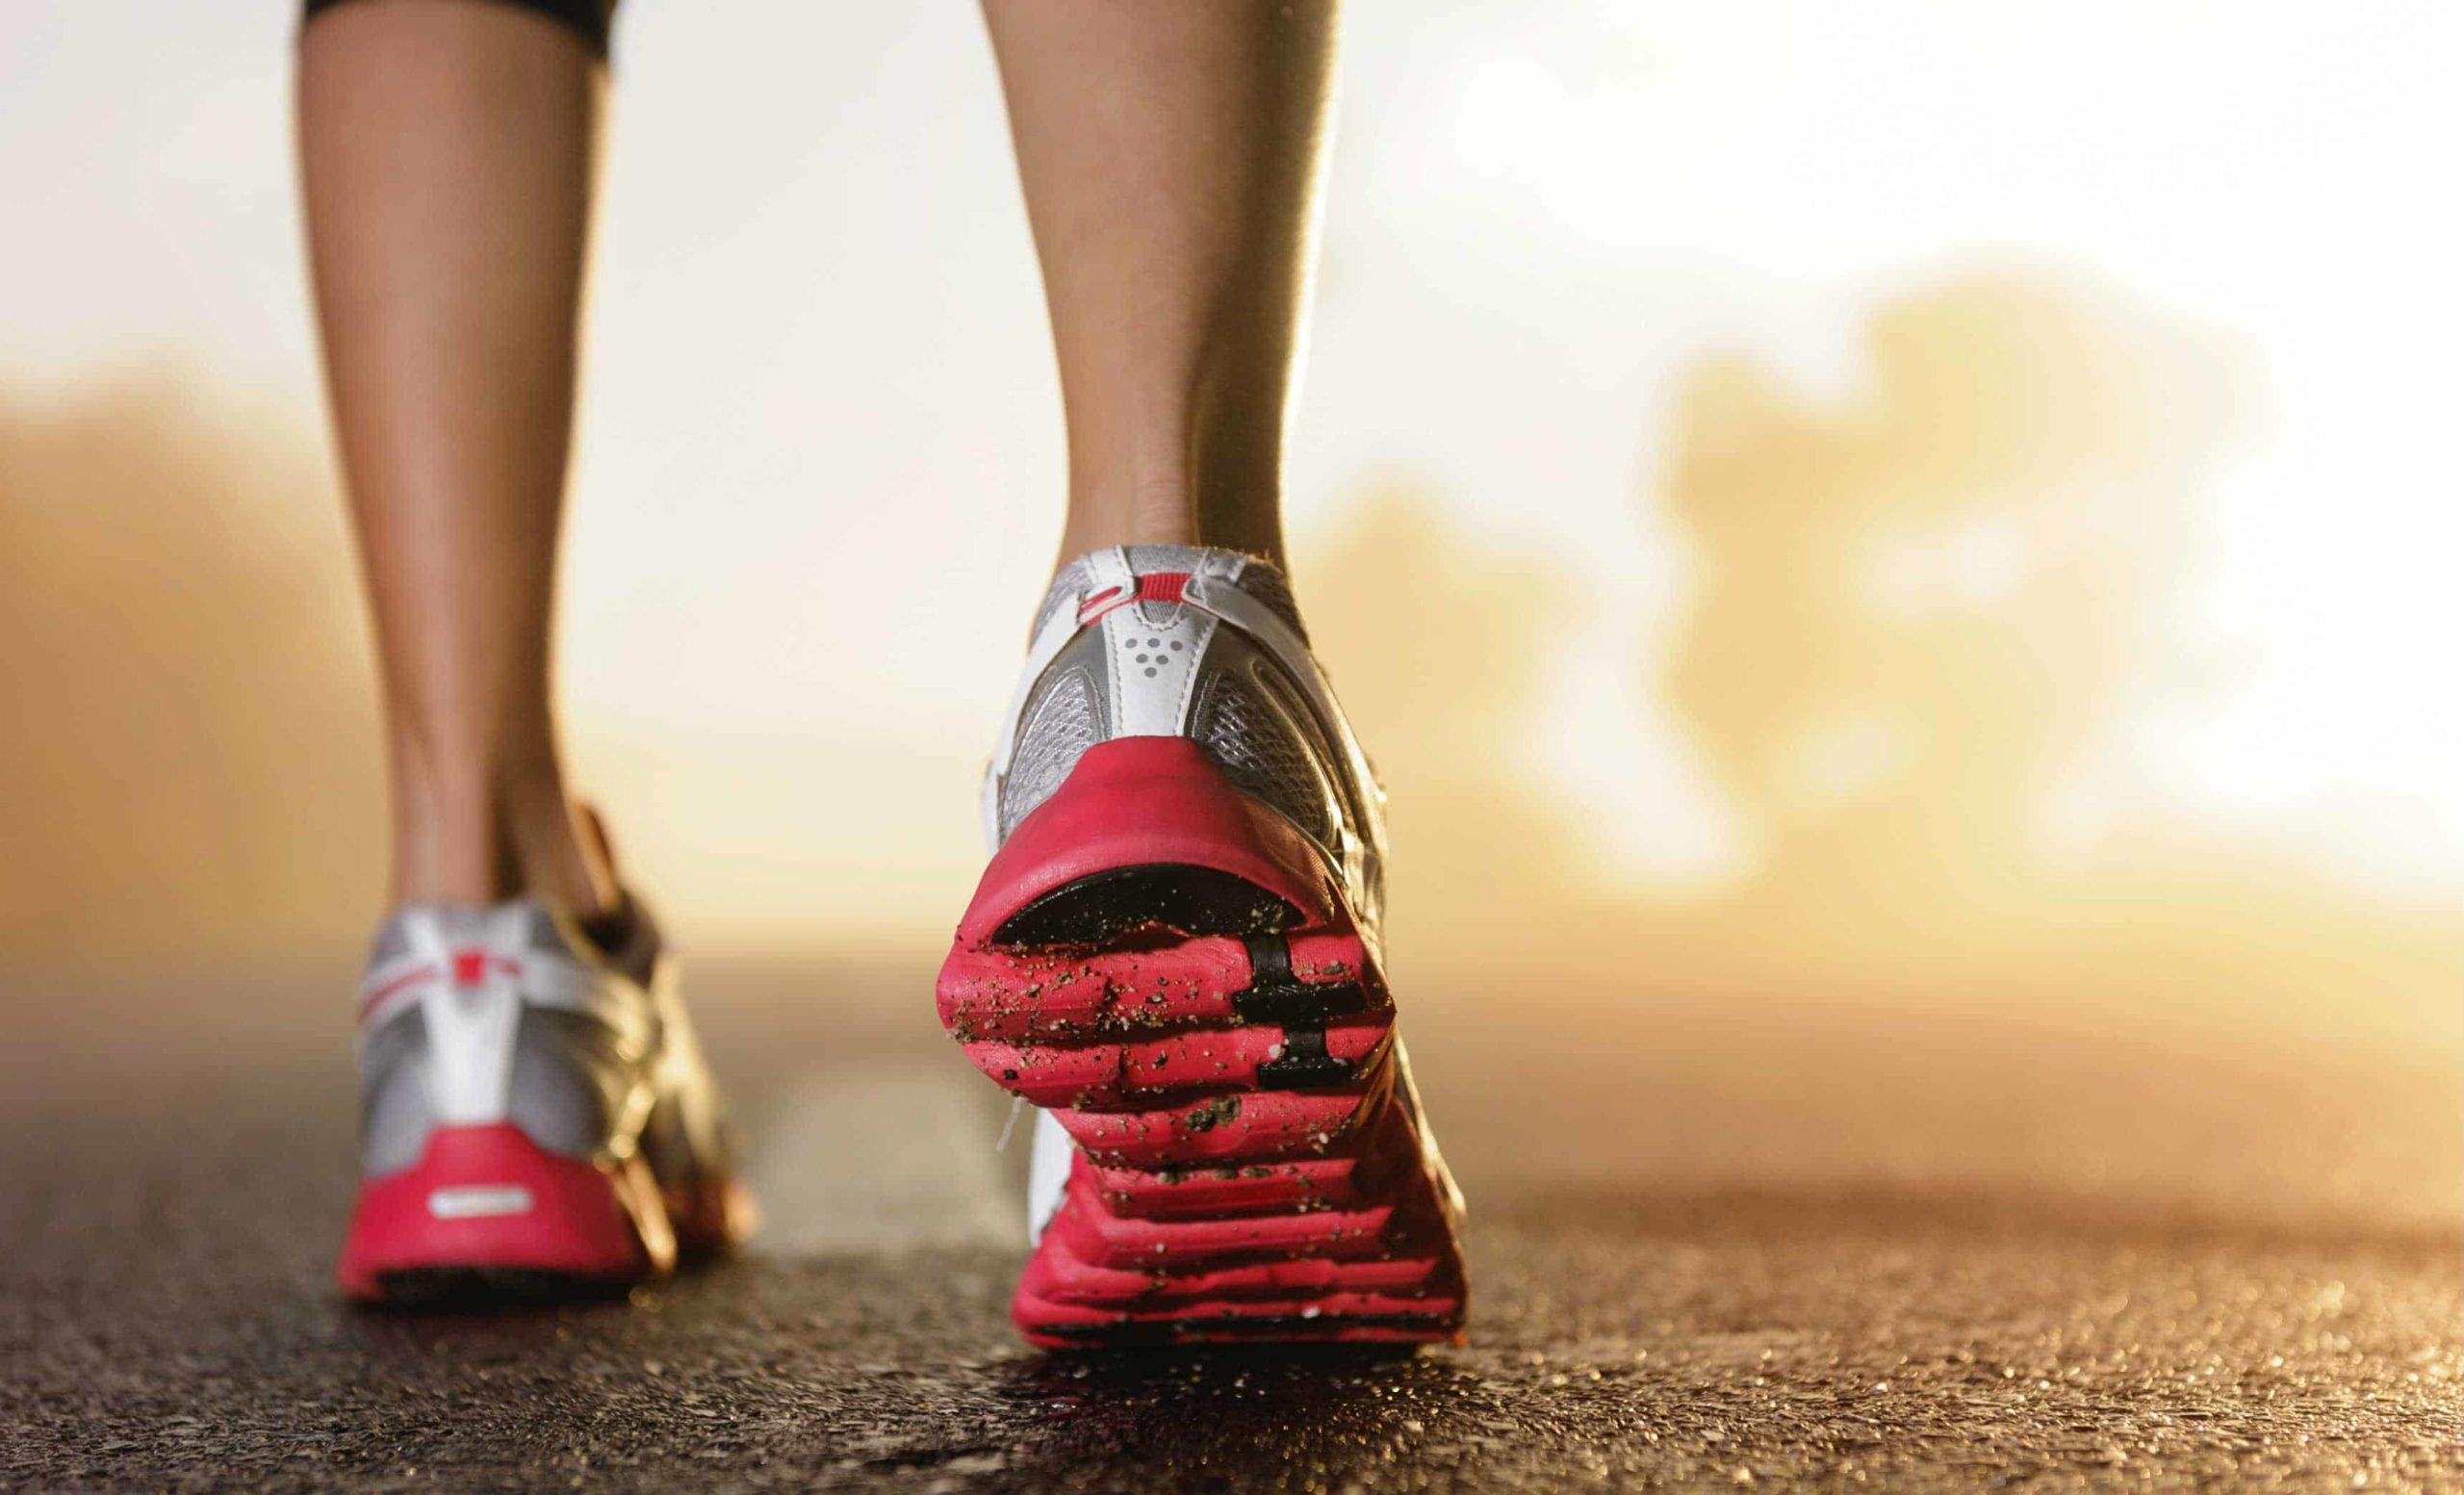 pieds-femmes-sportive